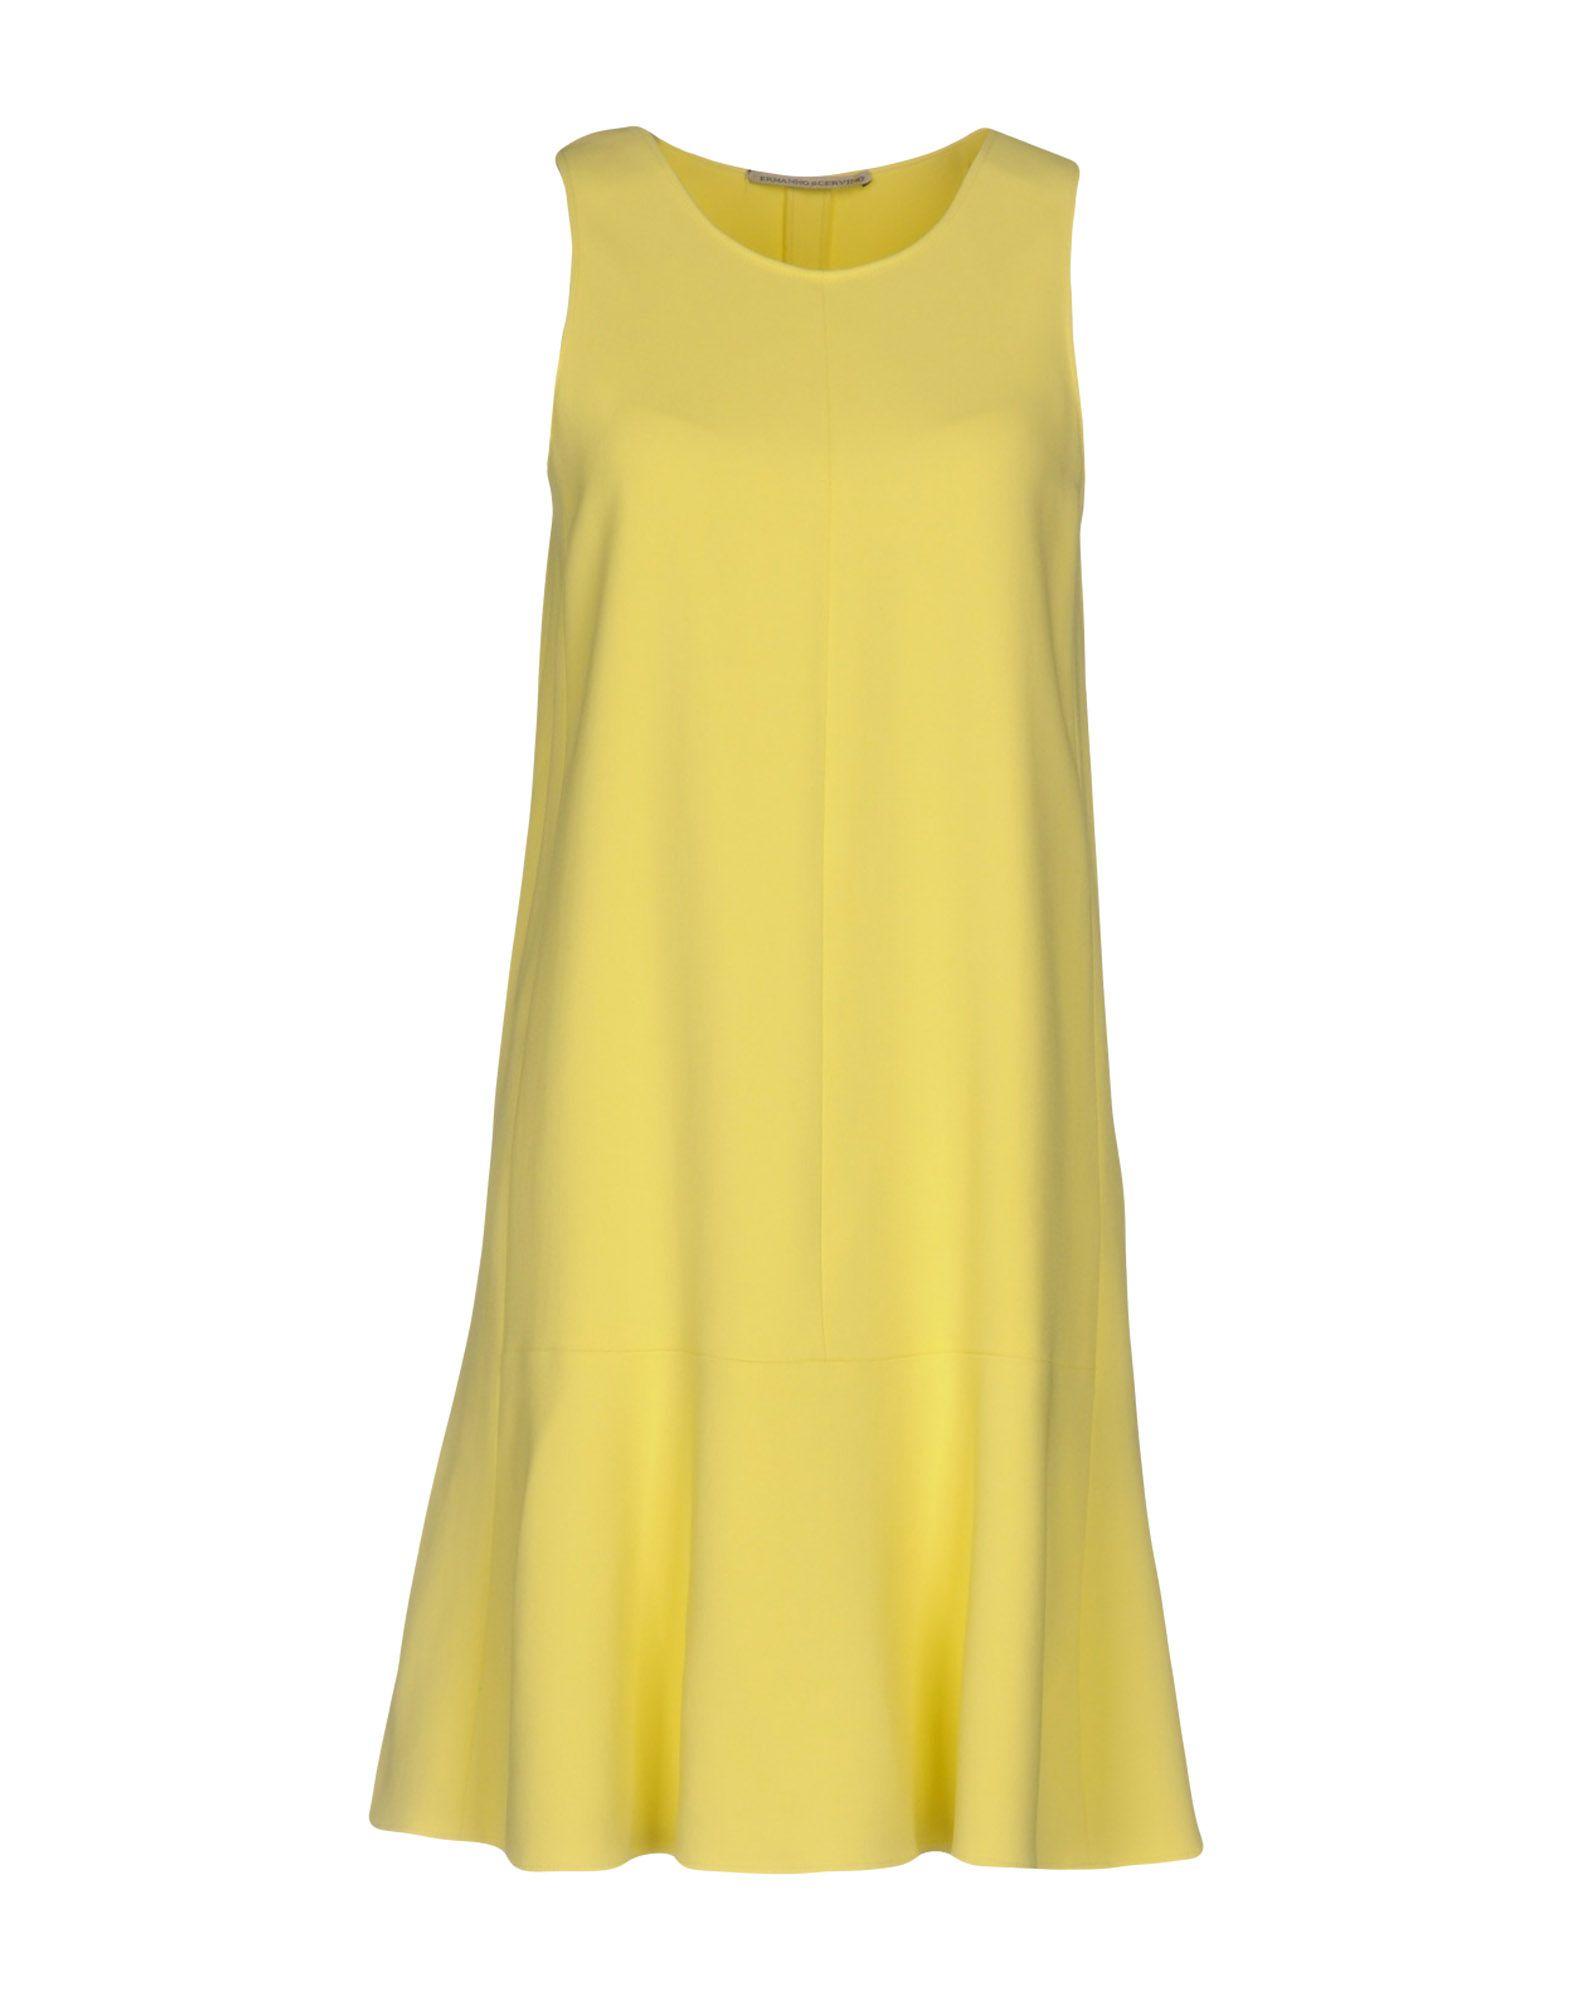 ERMANNO SCERVINO Damen Kurzes Kleid Farbe Gelb Größe 4